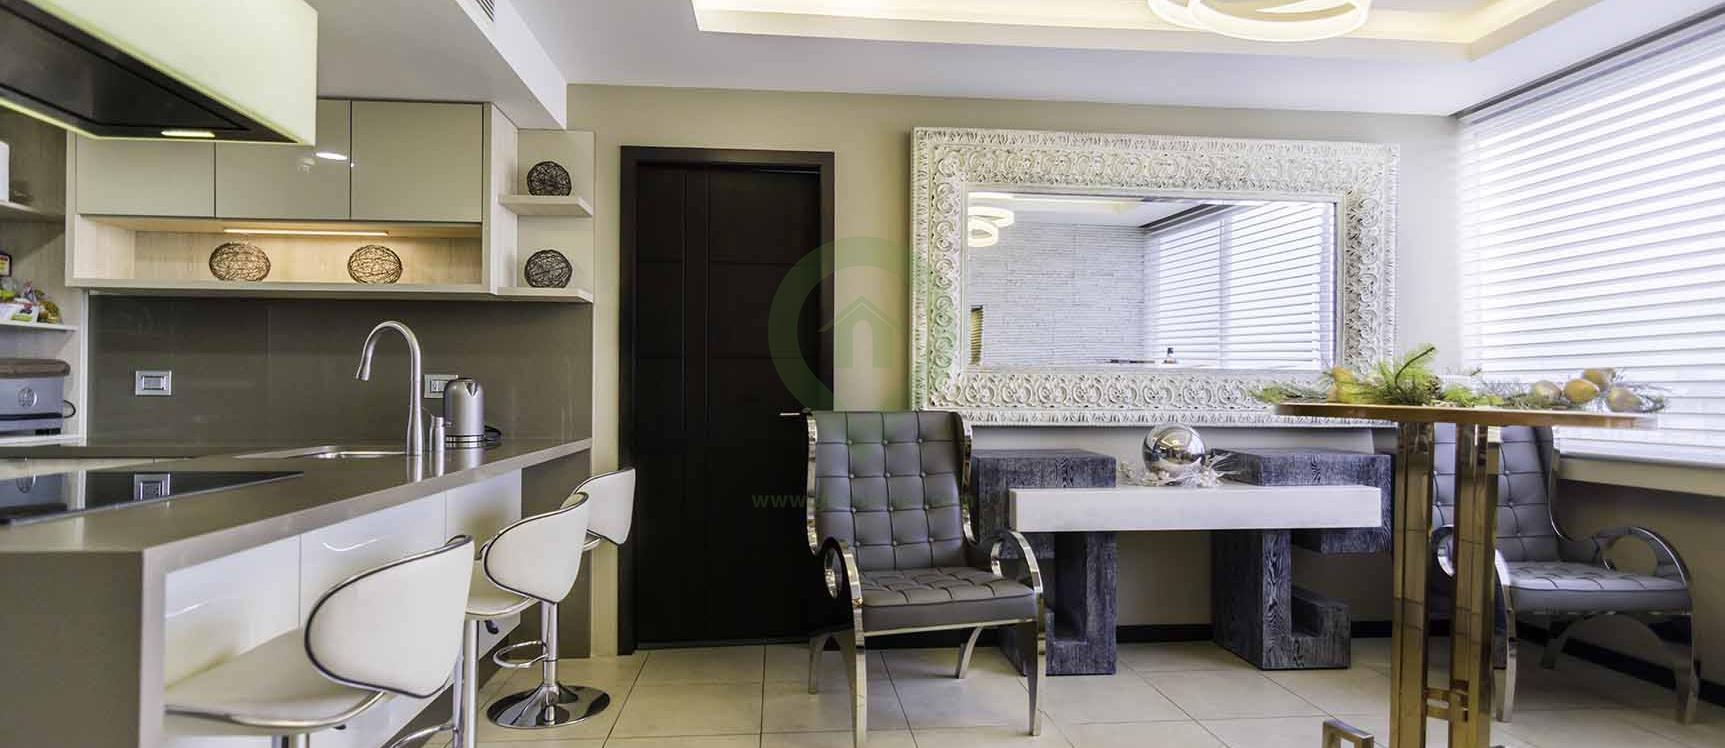 GeoBienes - Departamento en venta en Bellini III centro de Guayaquil - Plusvalia Guayaquil Casas de venta y alquiler Inmobiliaria Ecuador